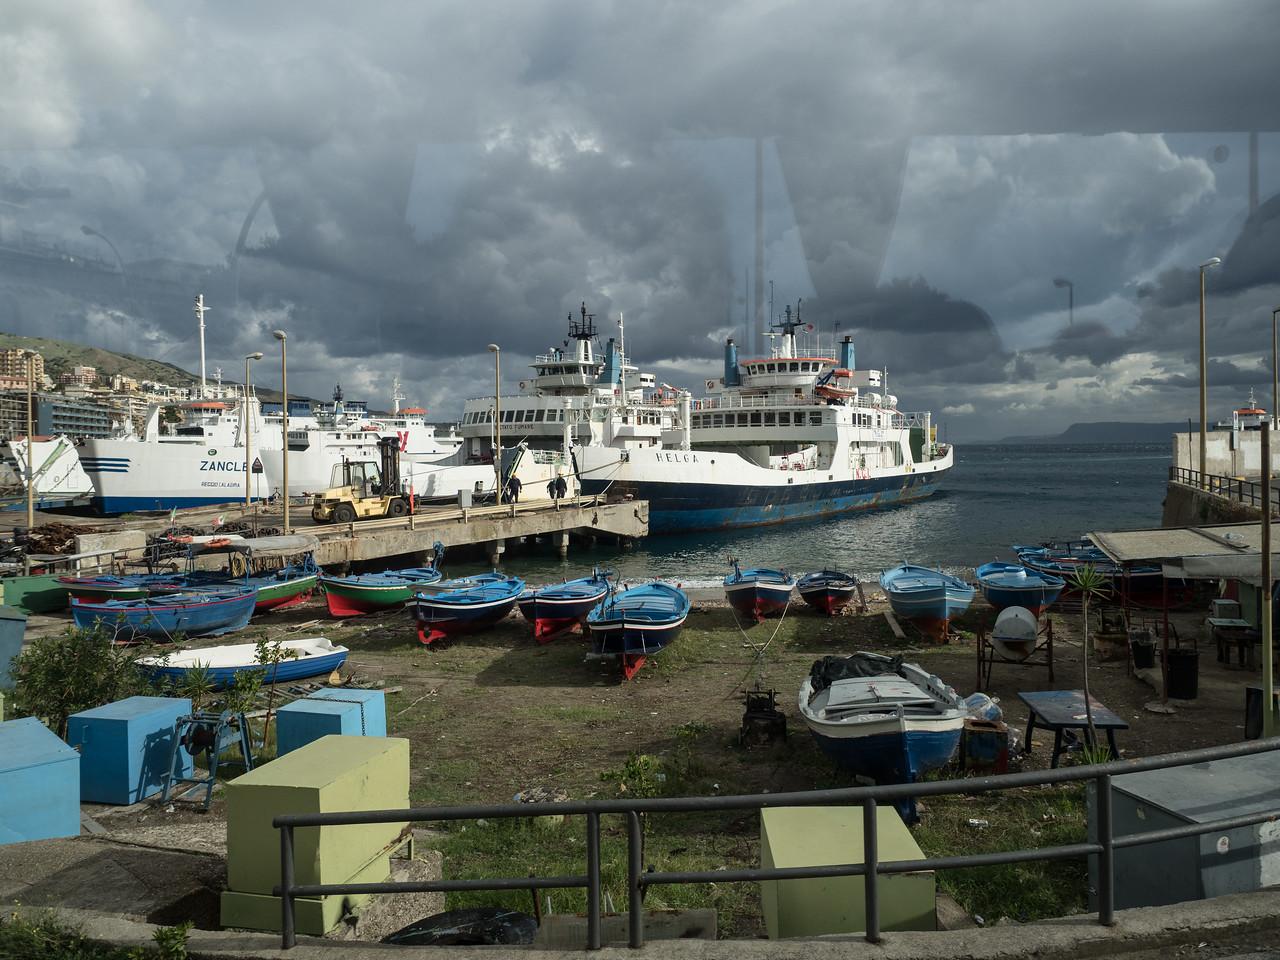 Ferries at Reggia Calabria